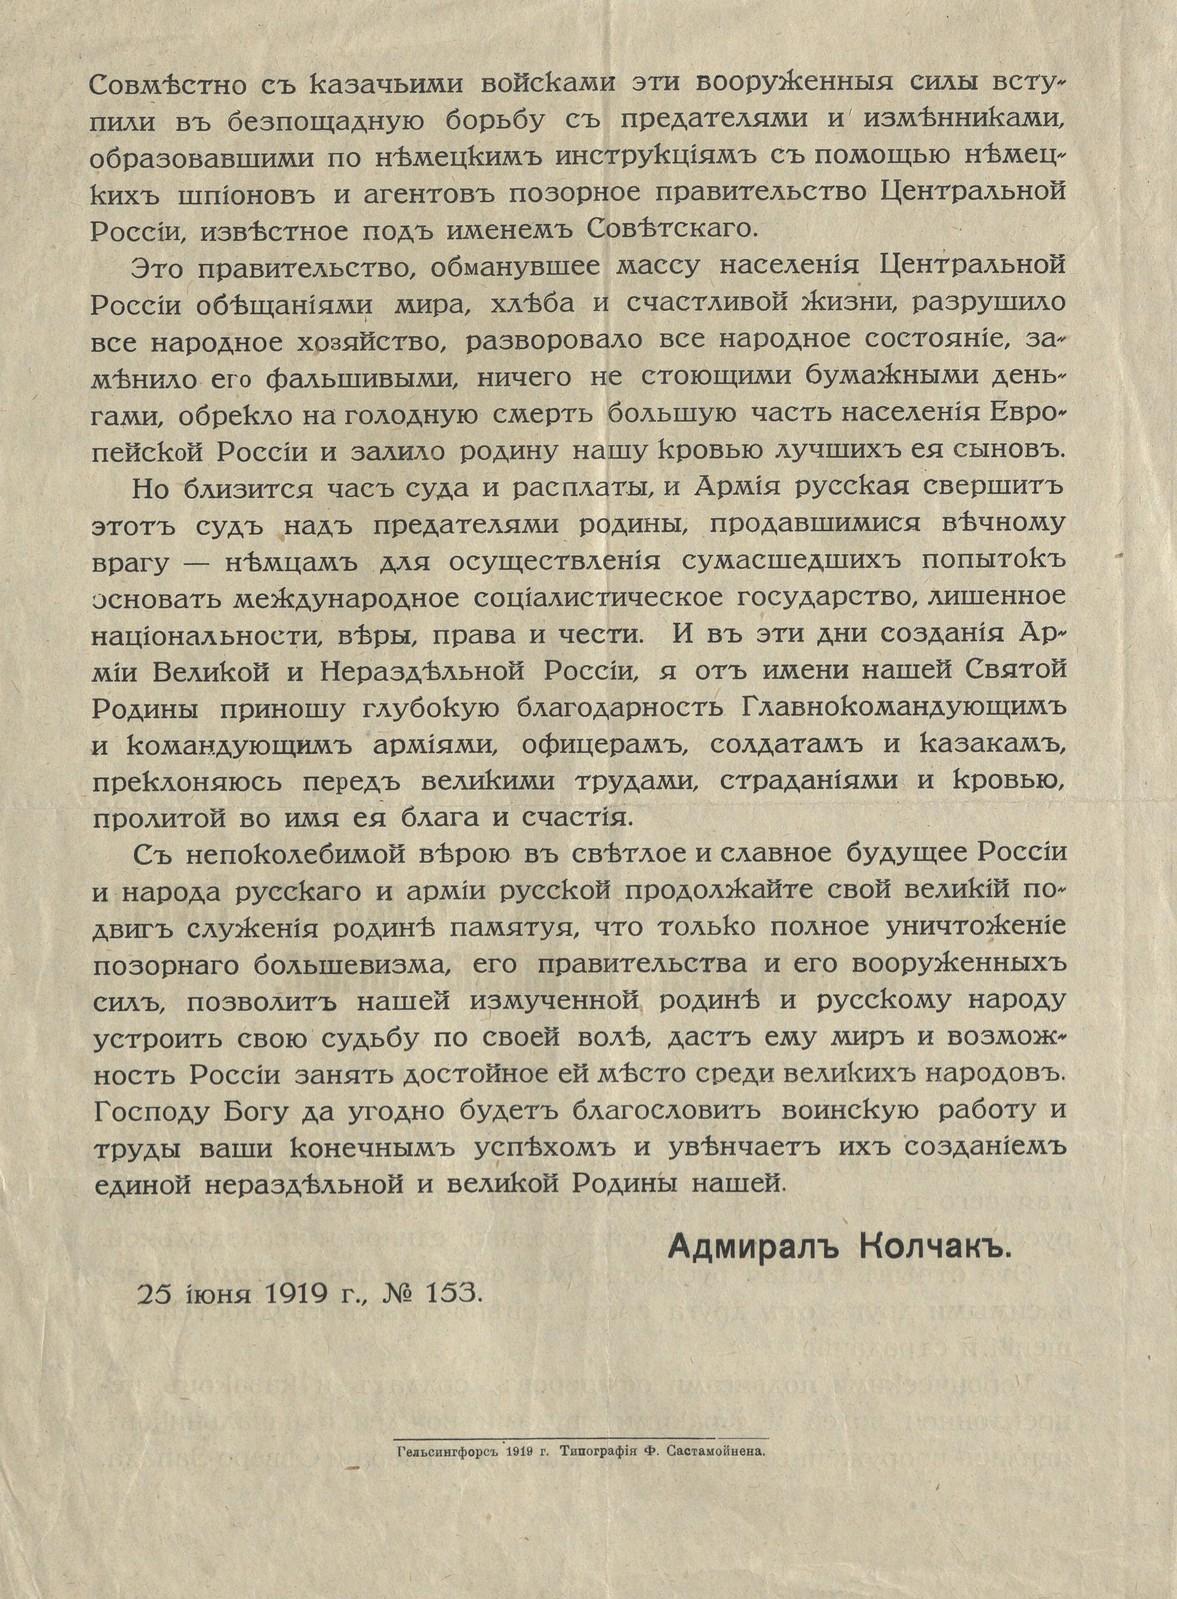 508. 1919. Адмирал А.В. Колчак. Приказ №153